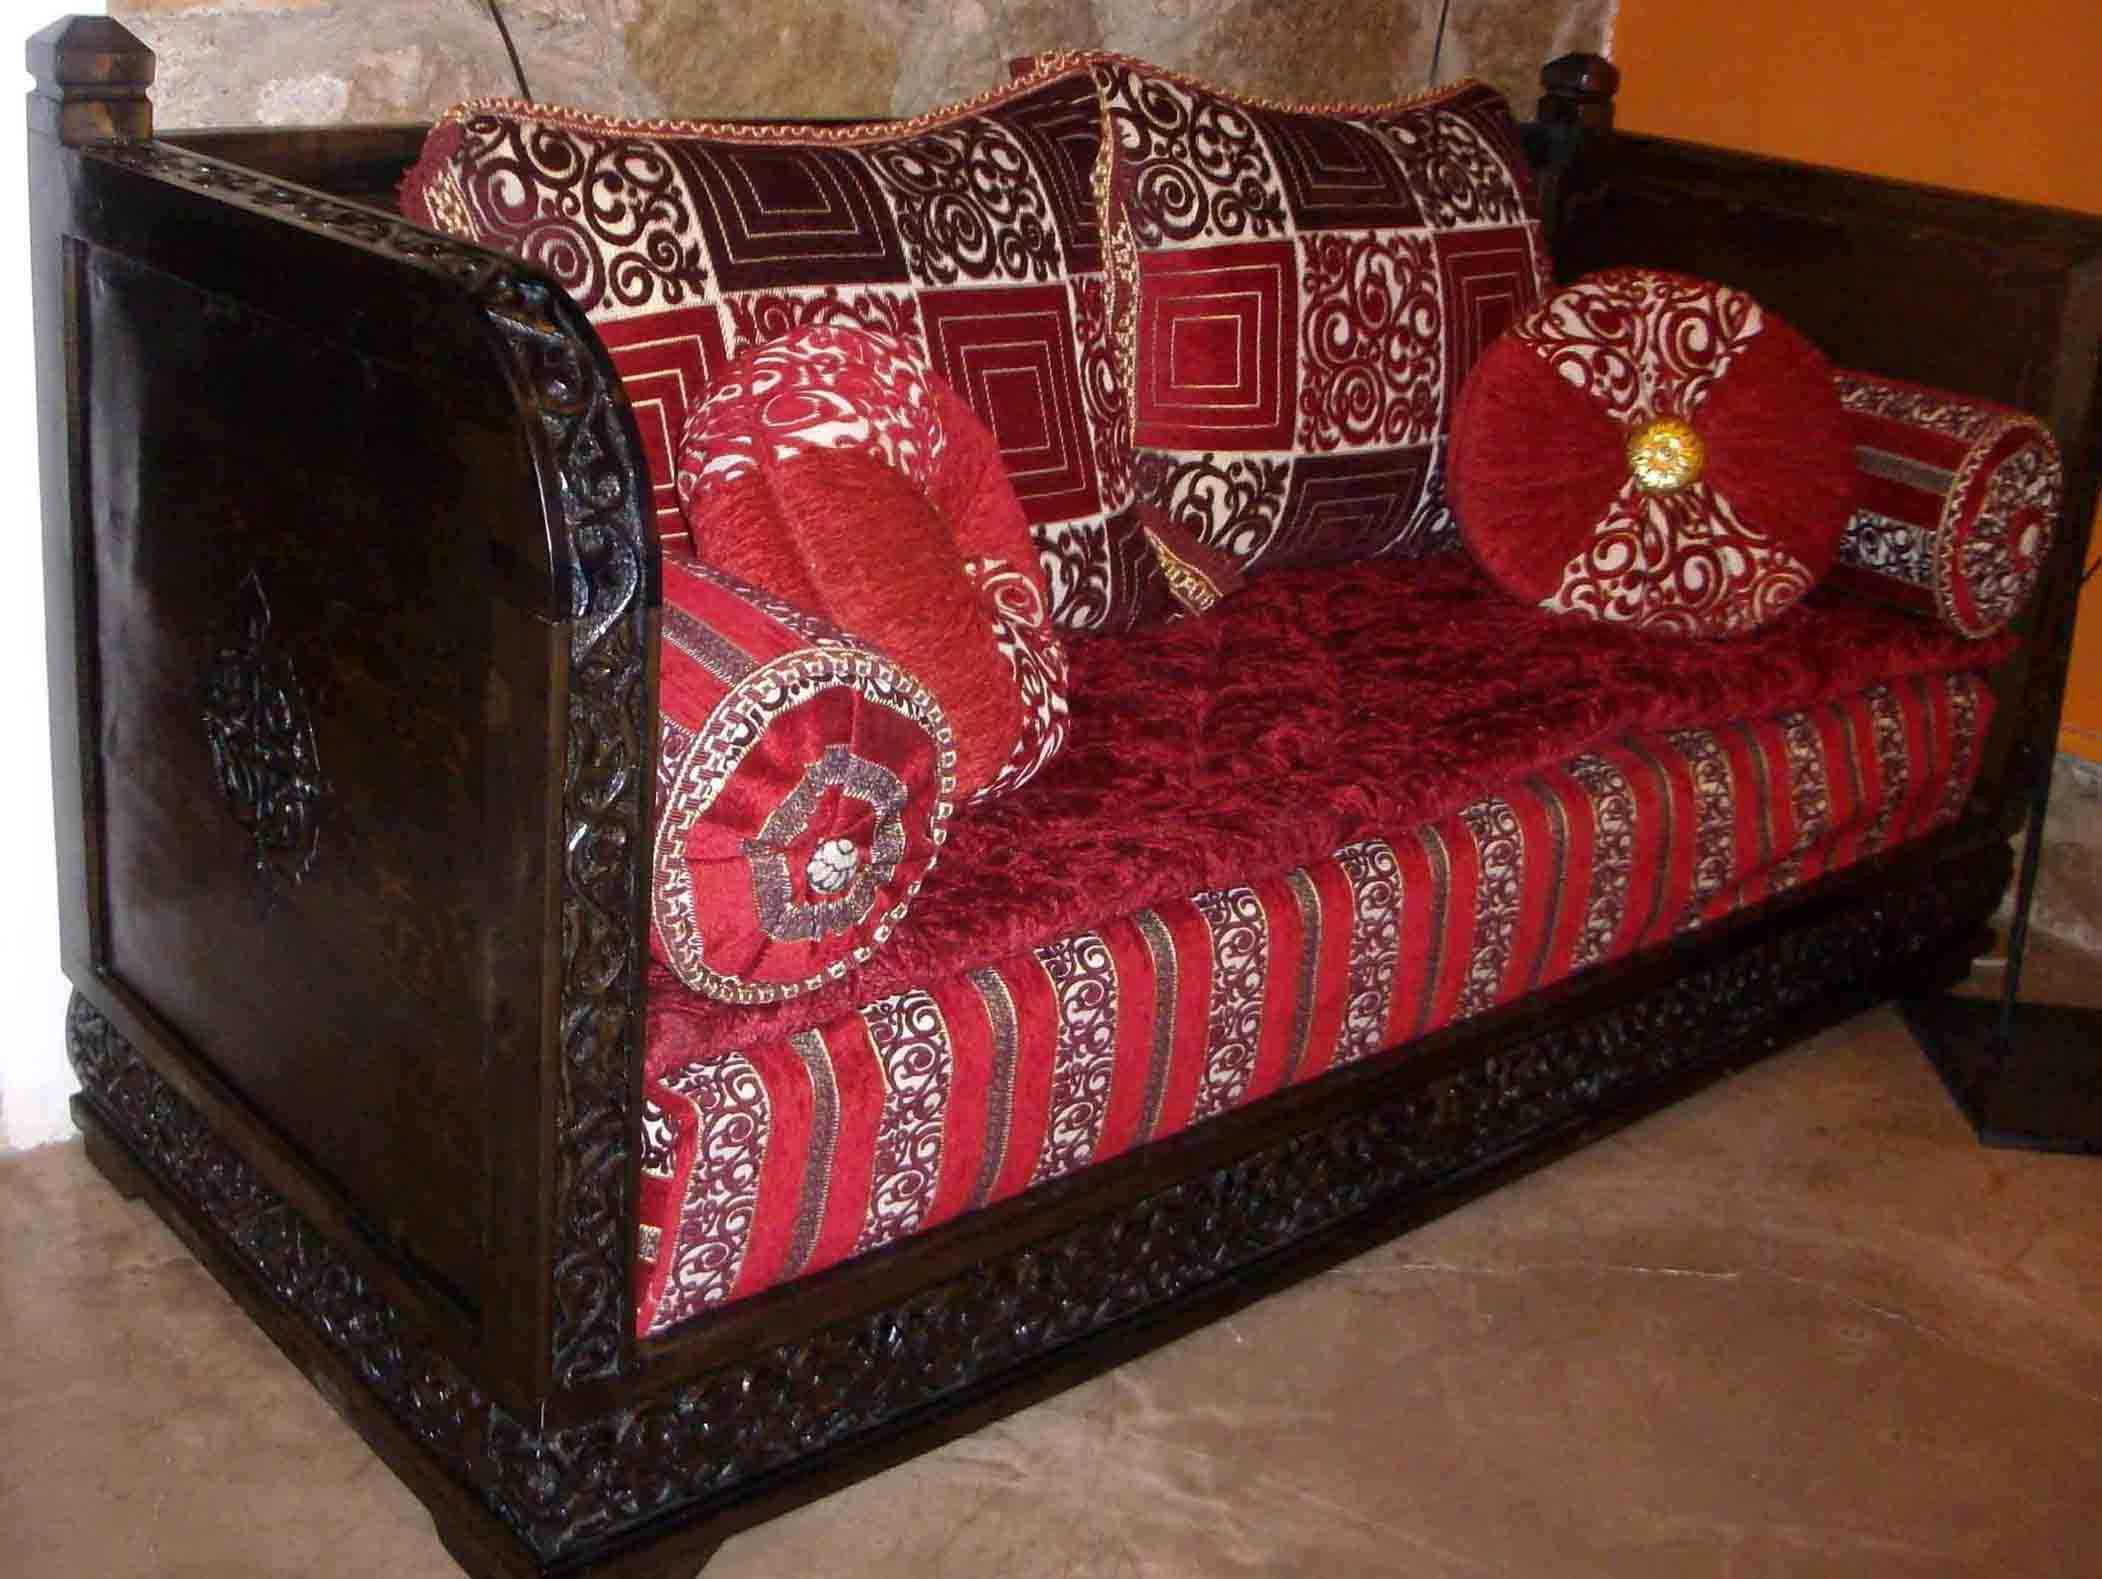 Divano Marocco articolo prodotto Marocchino Divano marocchino in legno di cedro intagliato a m